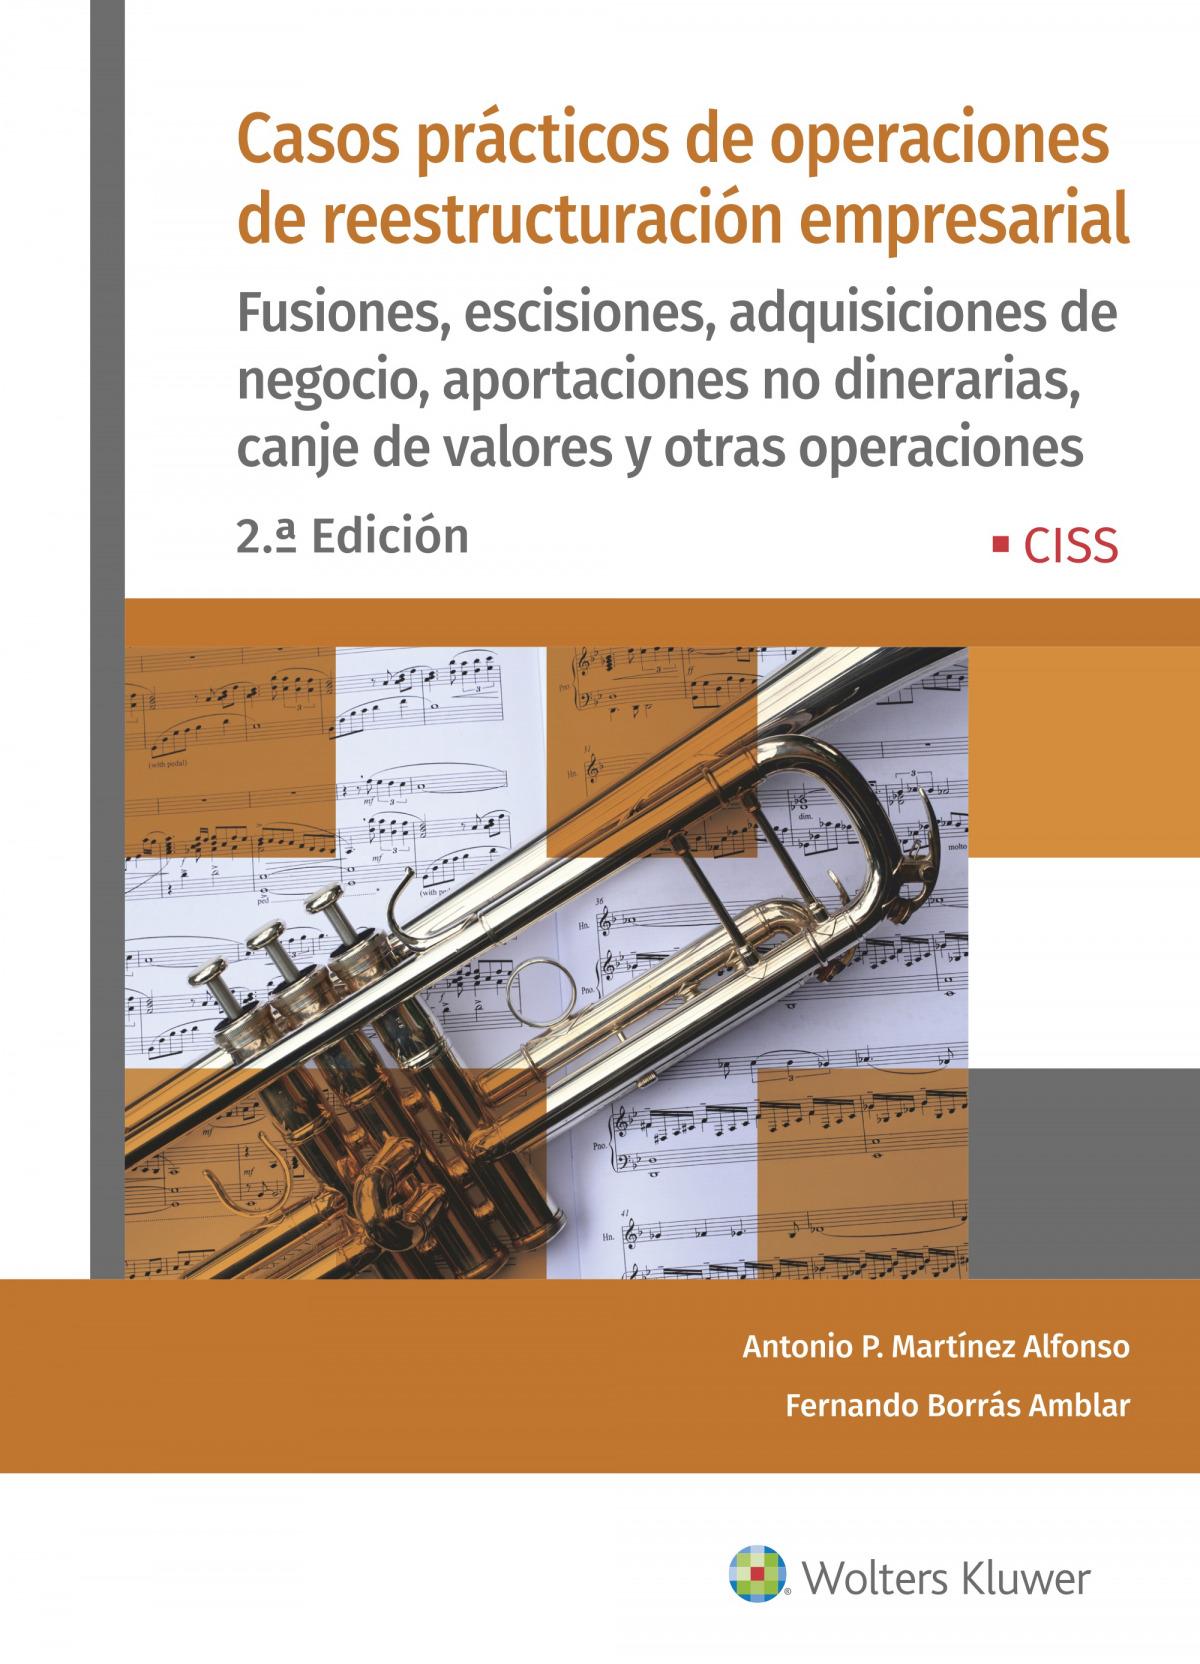 Casos prácticos de operaciones de reestructuración empresarial (2.ª Edición)